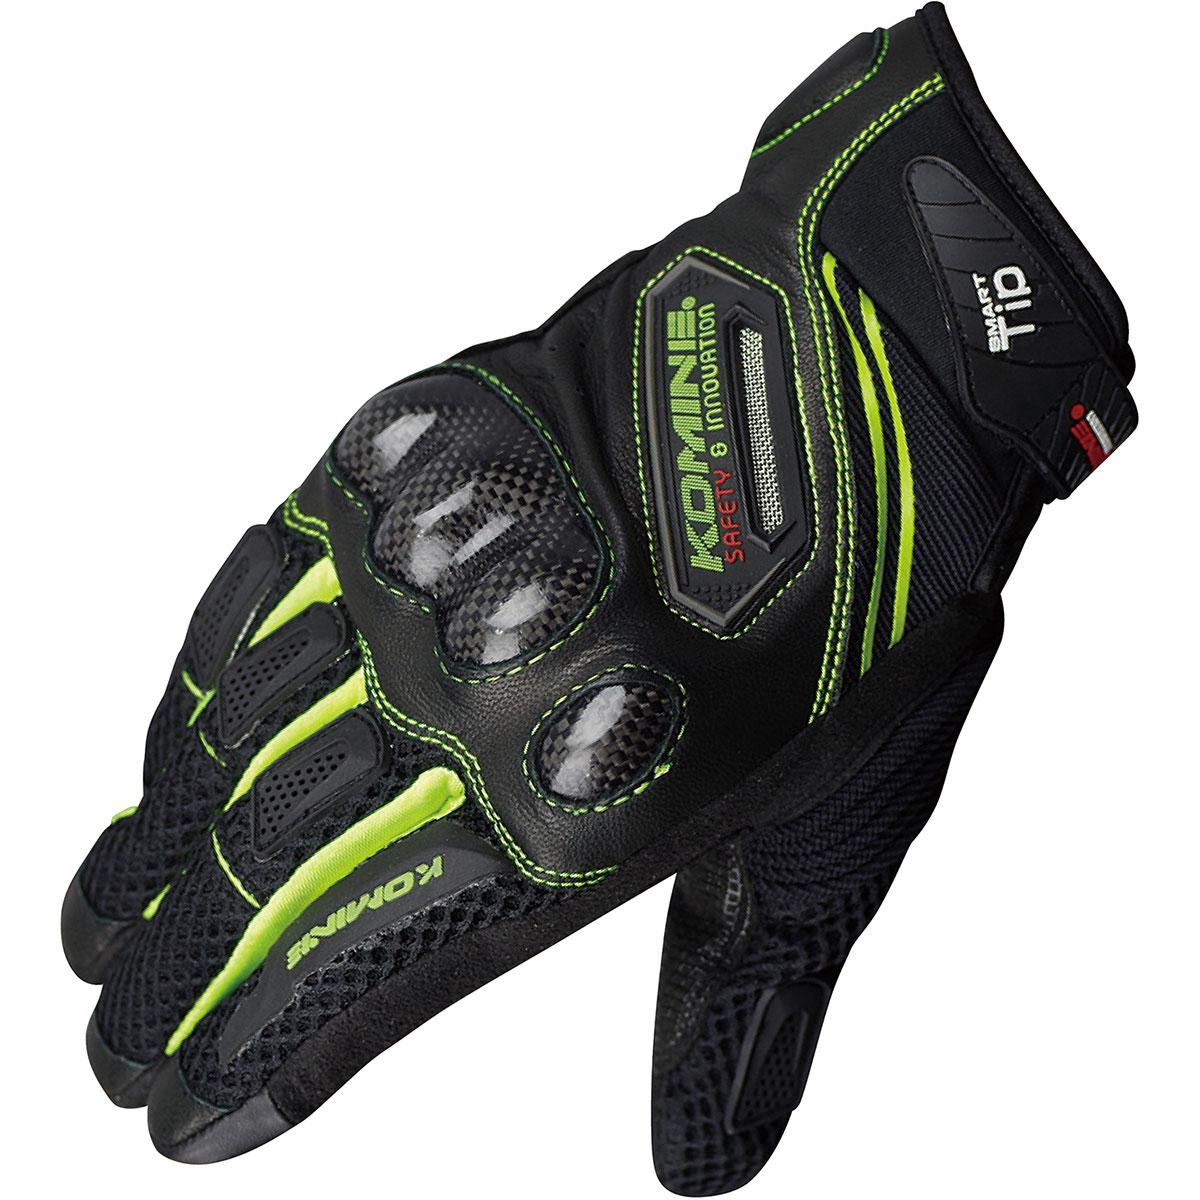 コミネ (Komine) バイク用 グローブ Gloves GK-167 カーボン プロテクトメッシュグローブ ブラック ネオン 黒 Sサイズ 06-167/BK/NE/S